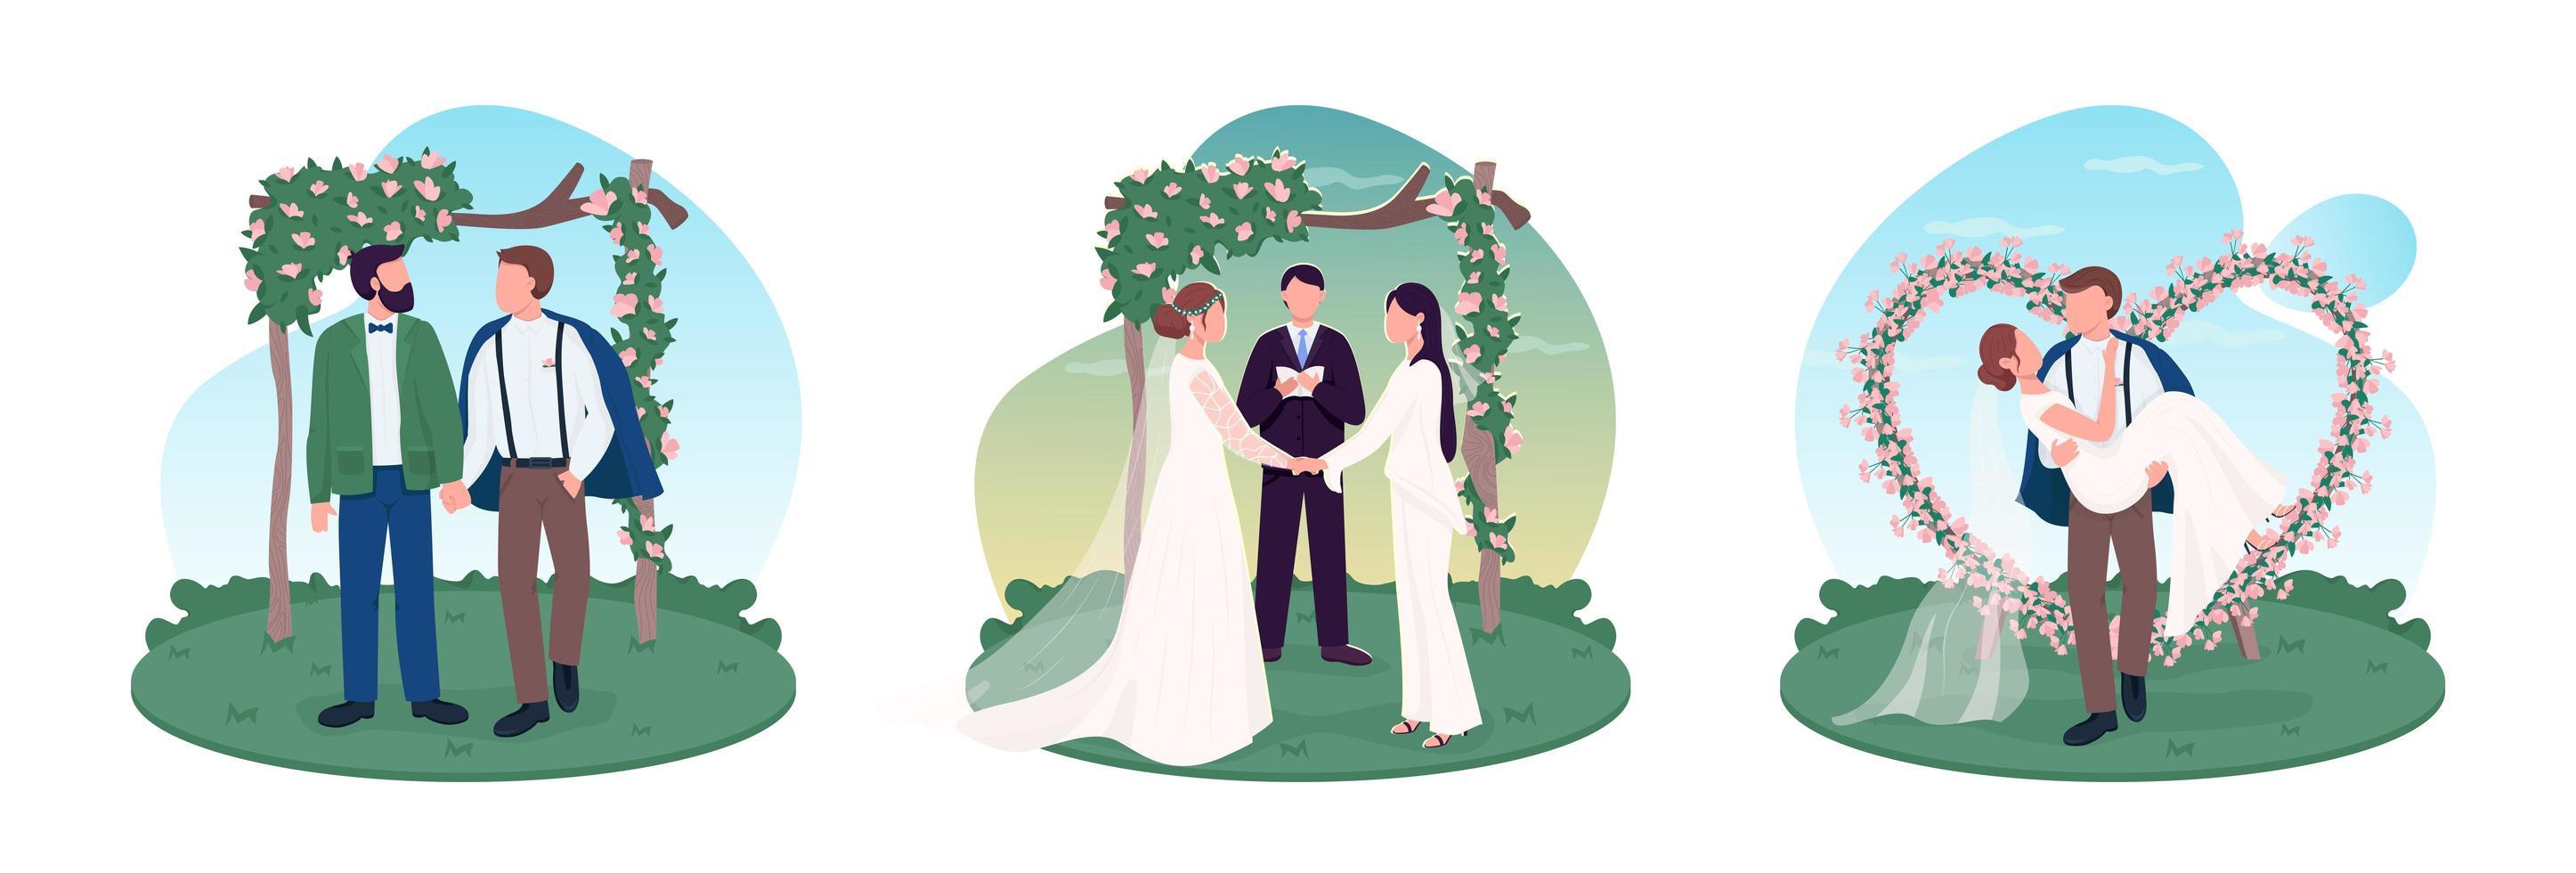 conjunto de parejas de recién casados vector